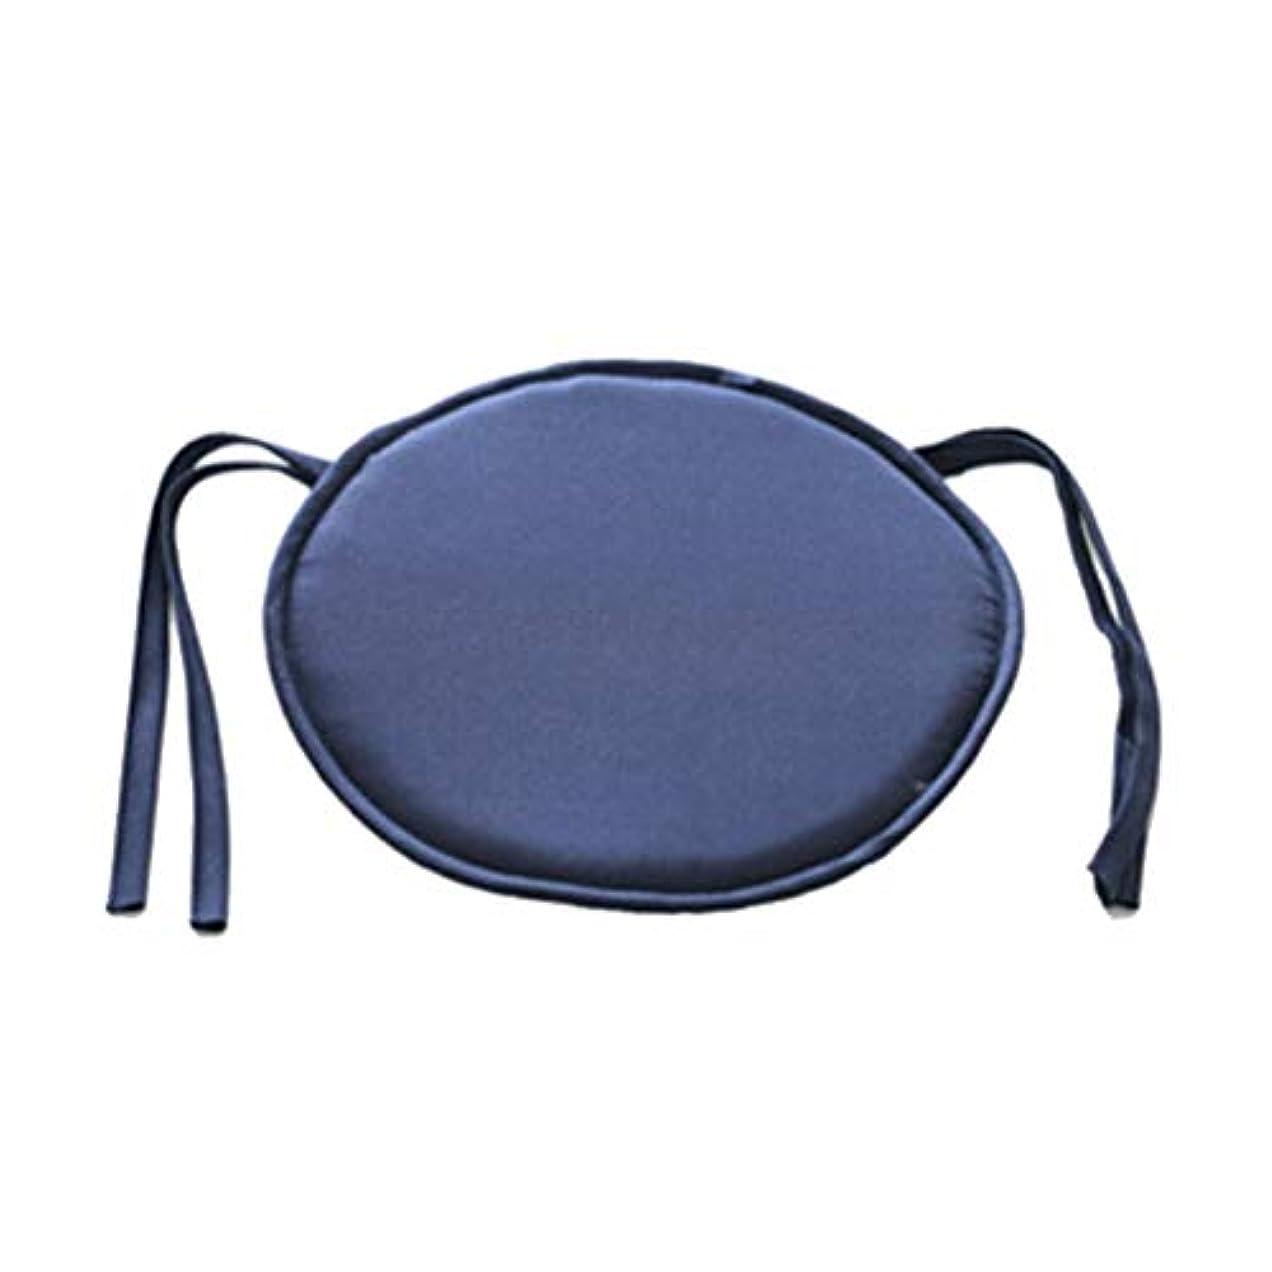 飛行場プレフィックスかもしれないSMART ホット販売ラウンドチェアクッション屋内ポップパティオオフィスチェアシートパッドネクタイスクエアガーデンキッチンダイニングクッション クッション 椅子